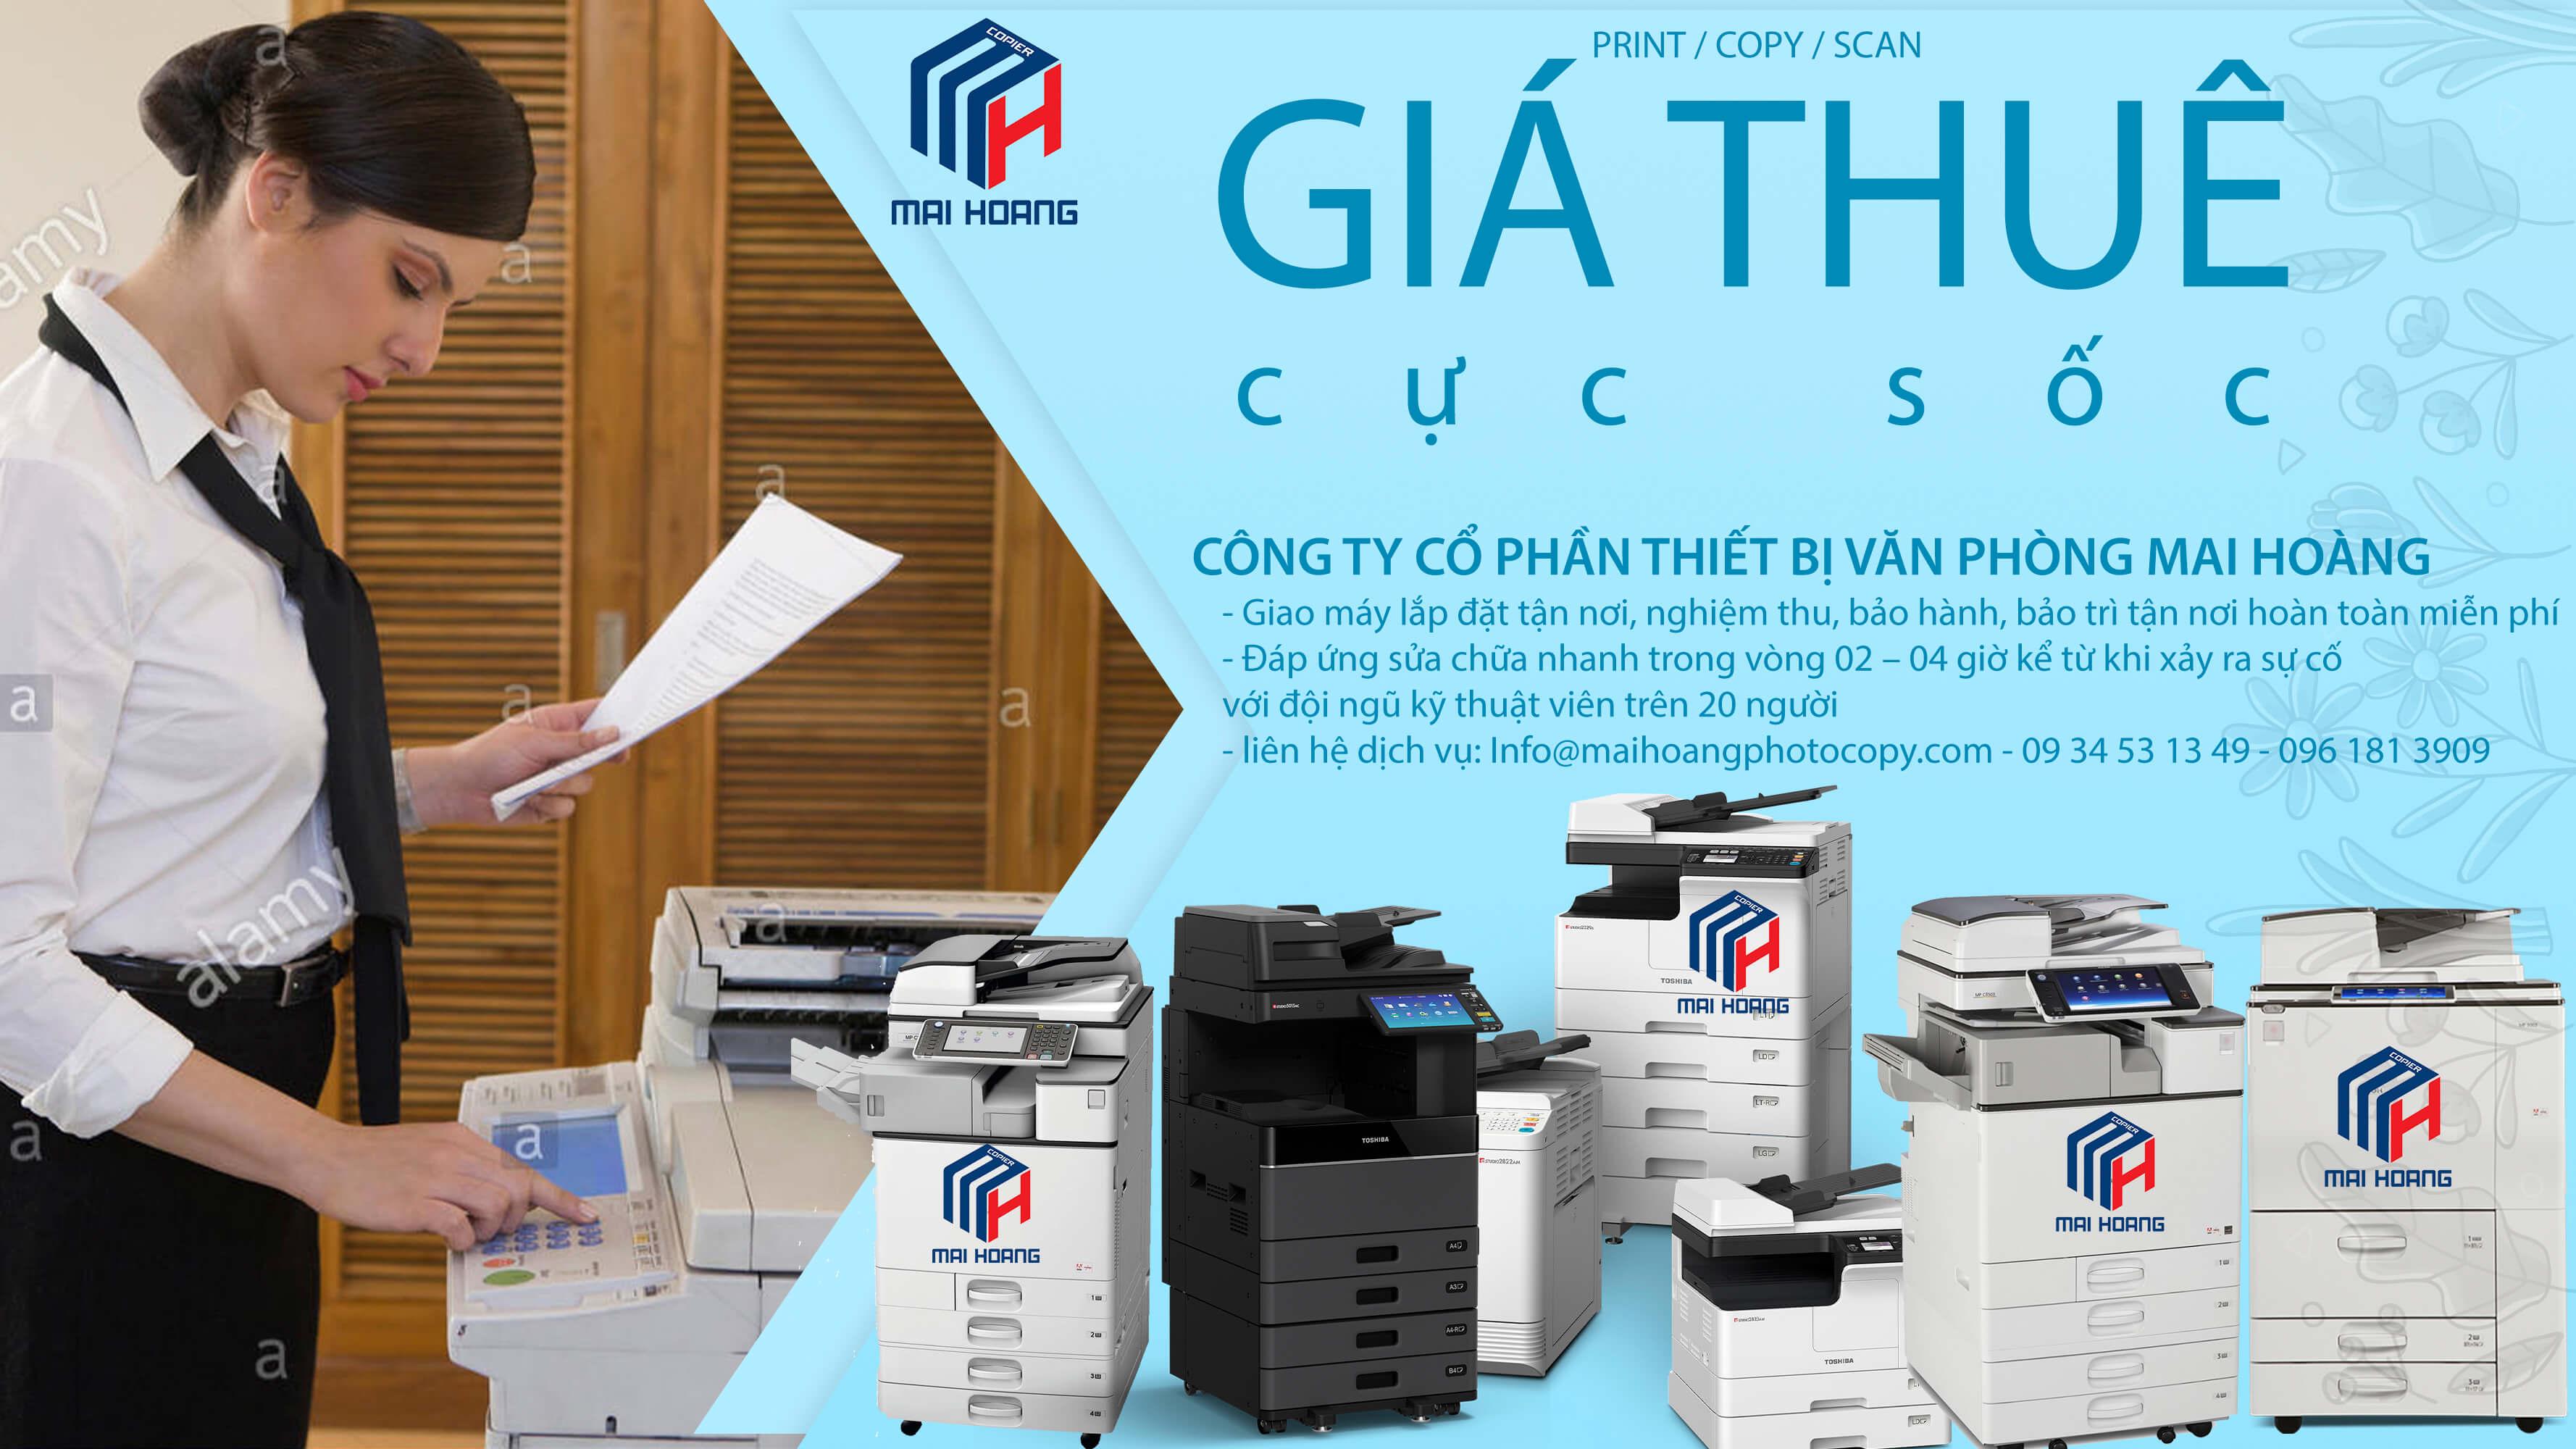 cho thuê máy in tại tây ninh - cho thuê máy photocopy tại tây ninh